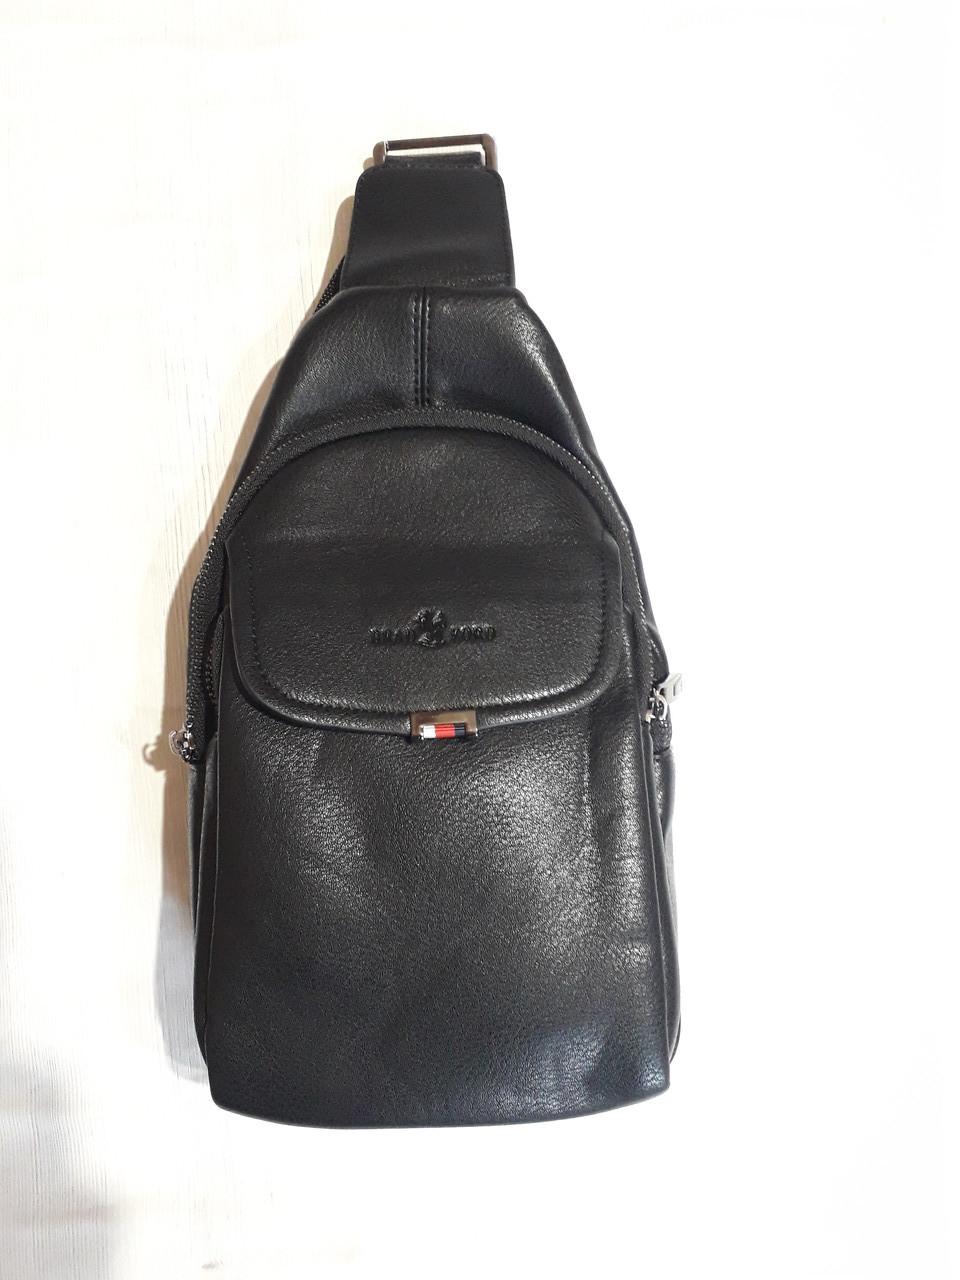 Чоловічий слінг сумка на груди через плече чорна еко шкіра Bradford 8935